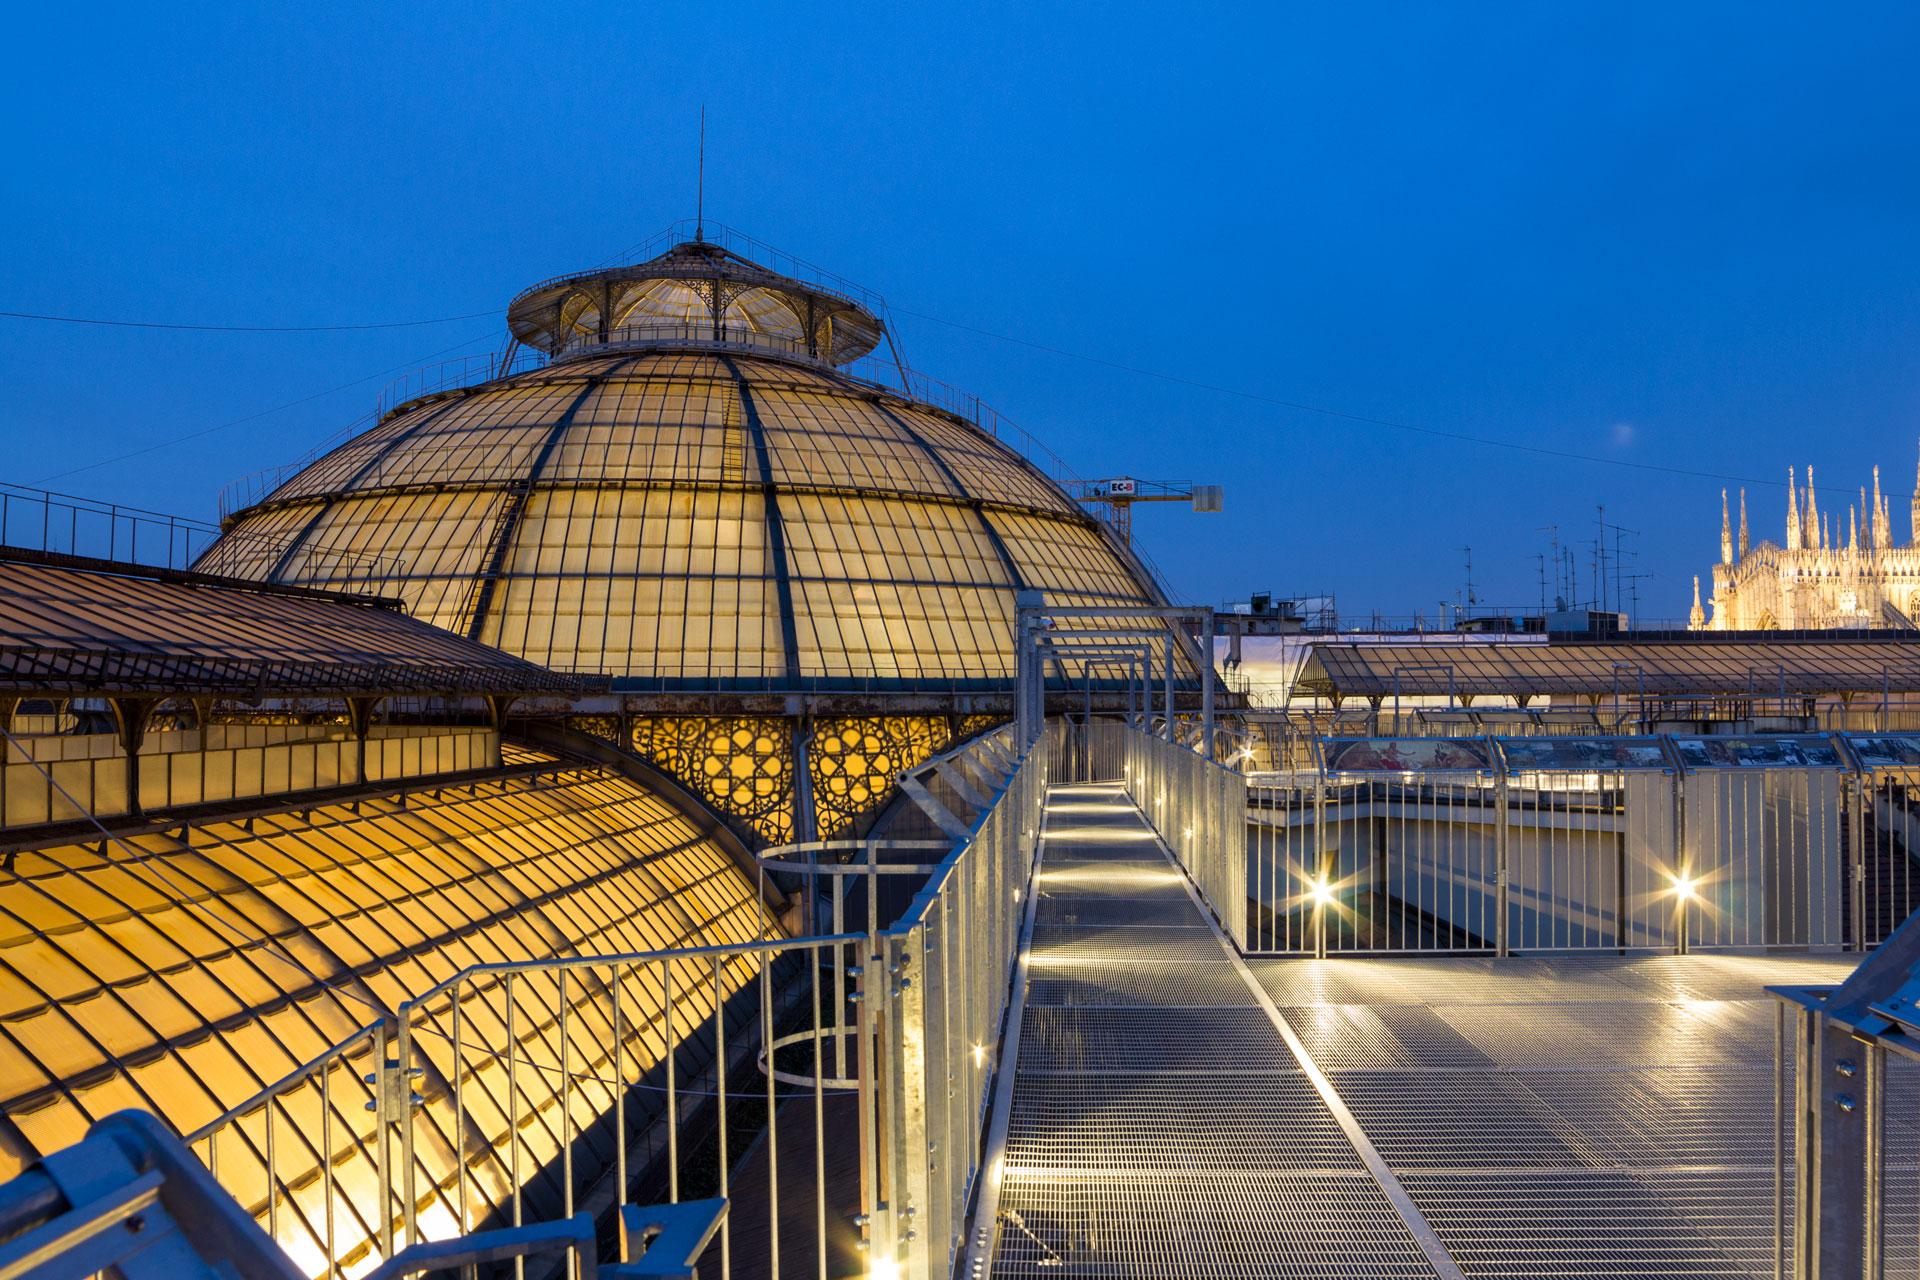 Cinema sui tetti di milano - Cinema porta venezia milano ...